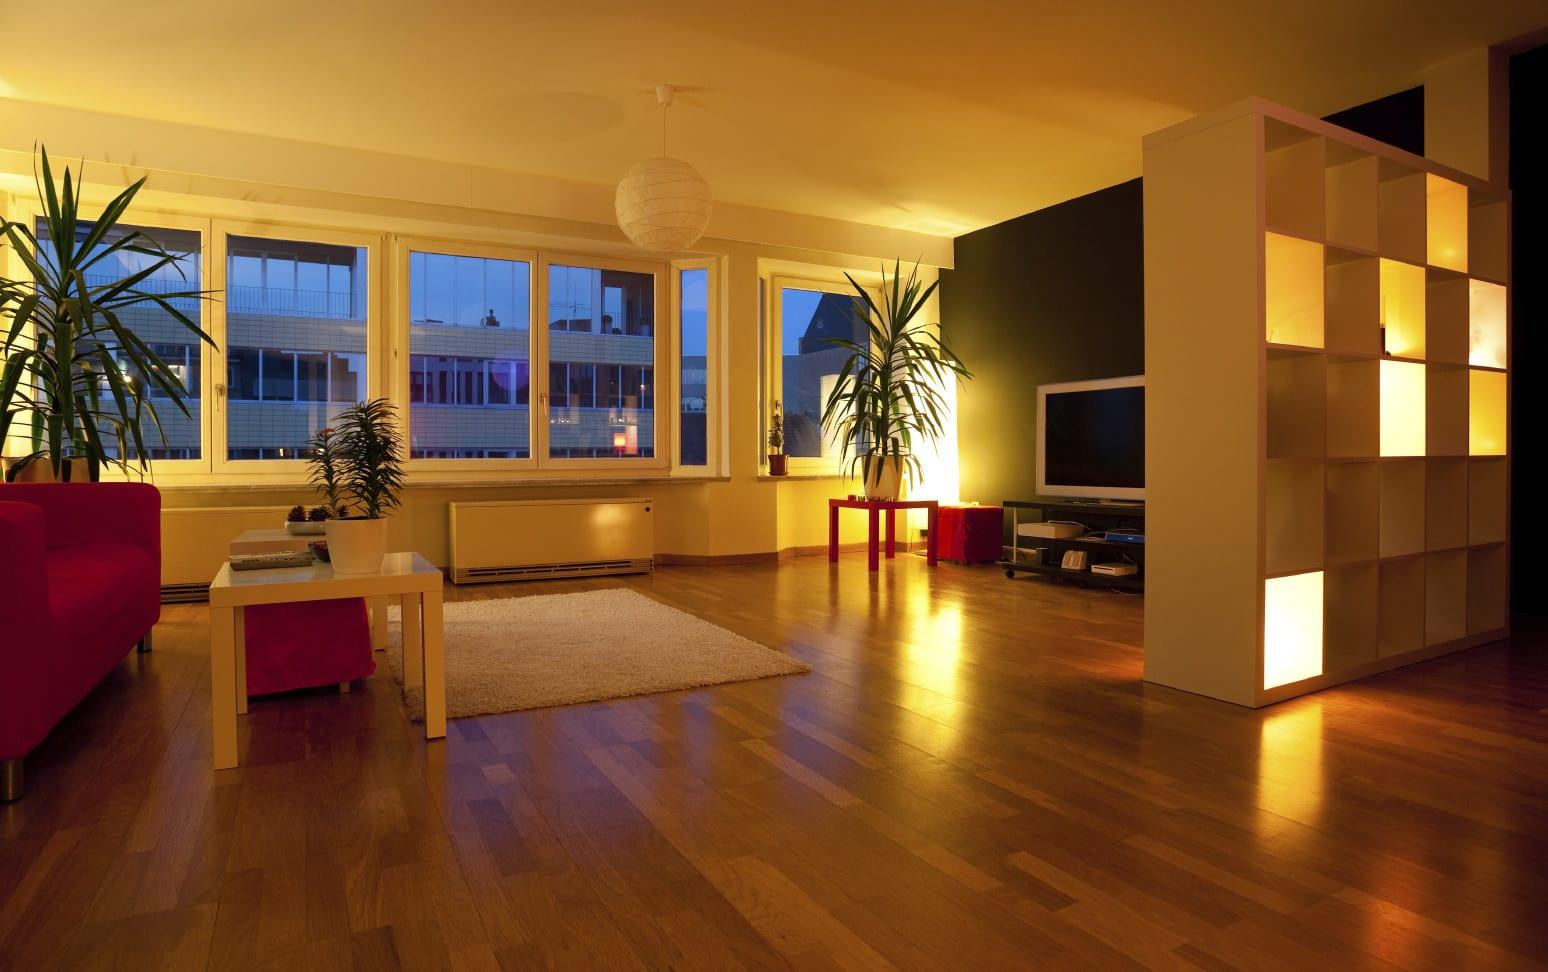 kreative beleuchtungsideen für wohnzimmerindirekte